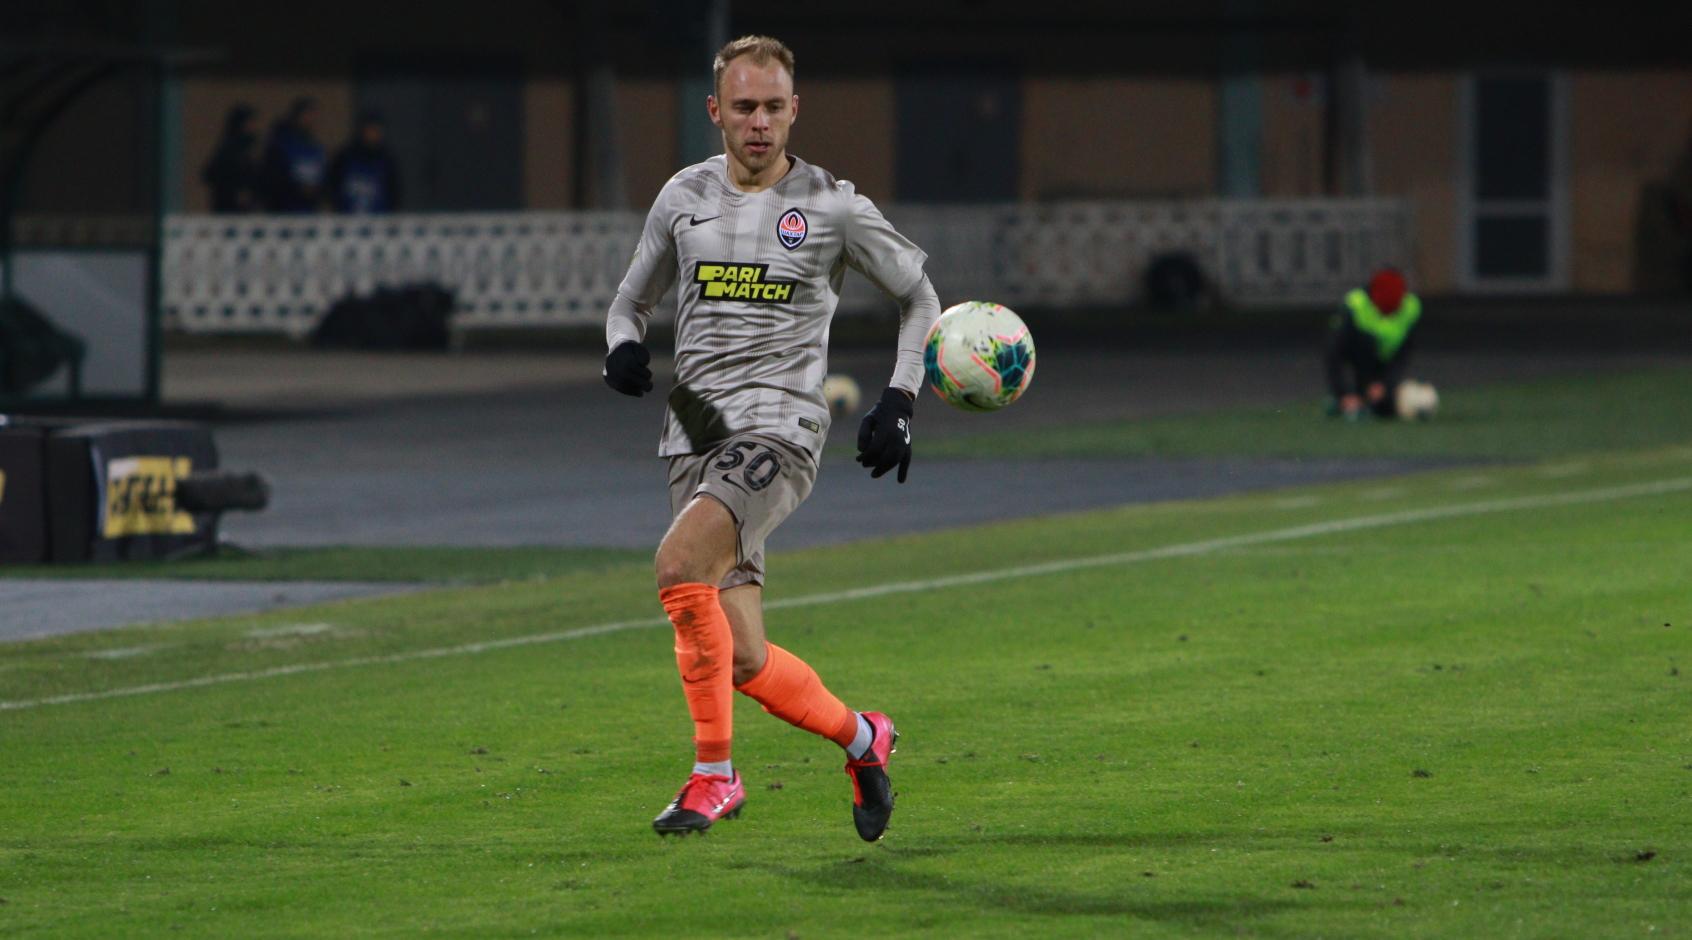 Еще два украинских футболиста получили реальные лица в PES 2021: плюс Болбат и Бутко